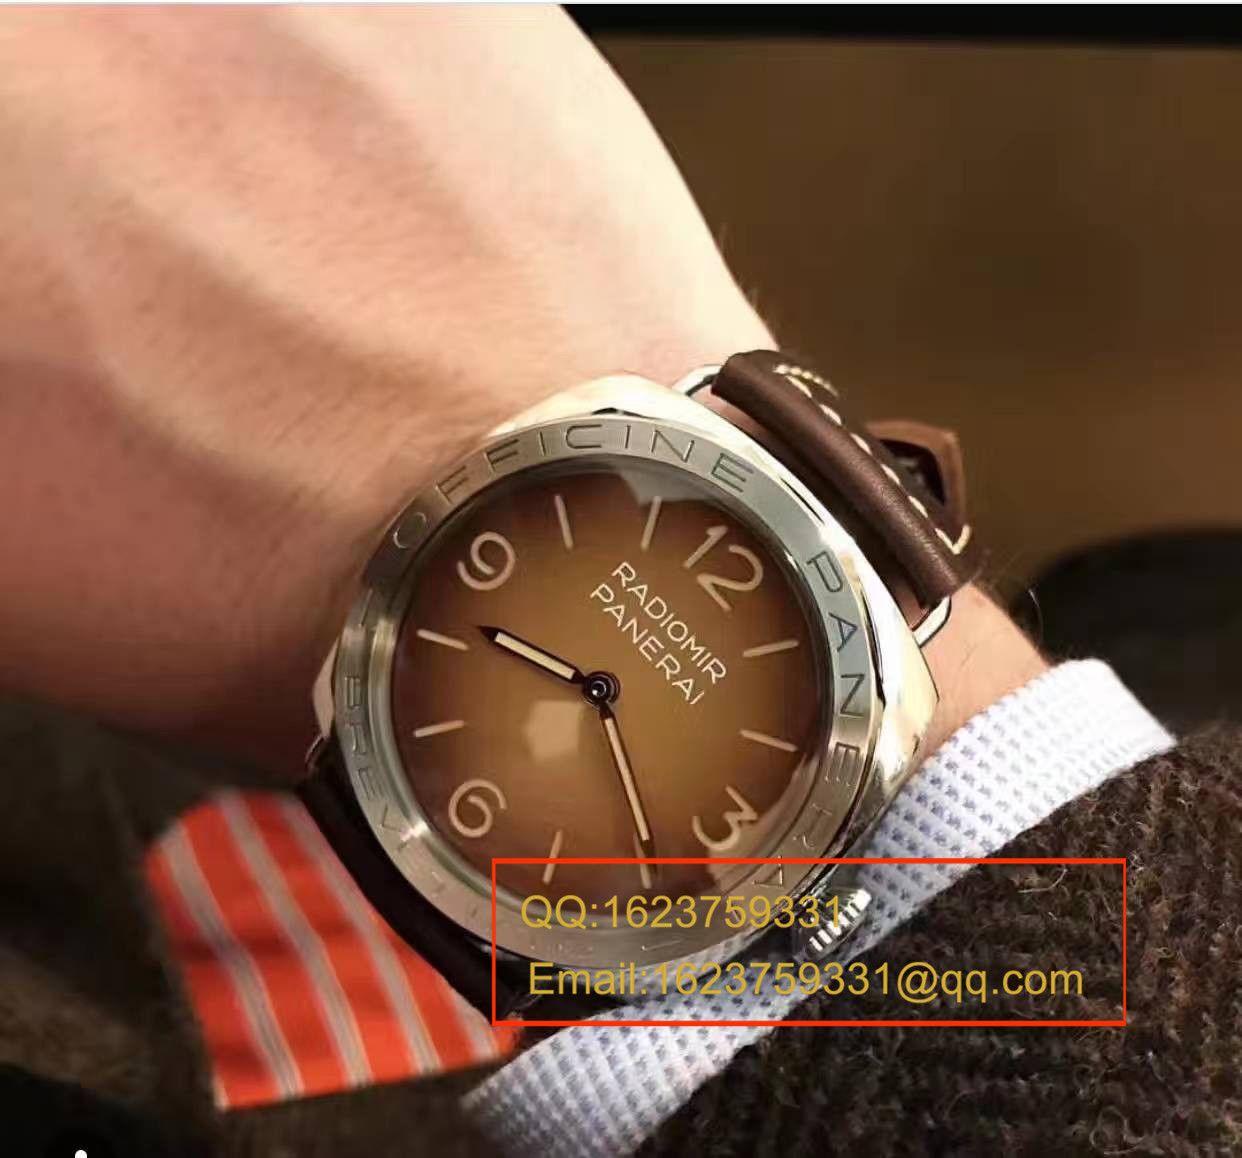 【视频评测SF一比一超A精仿手表】复古神器沛纳海PAM00687手表 / PAM00687